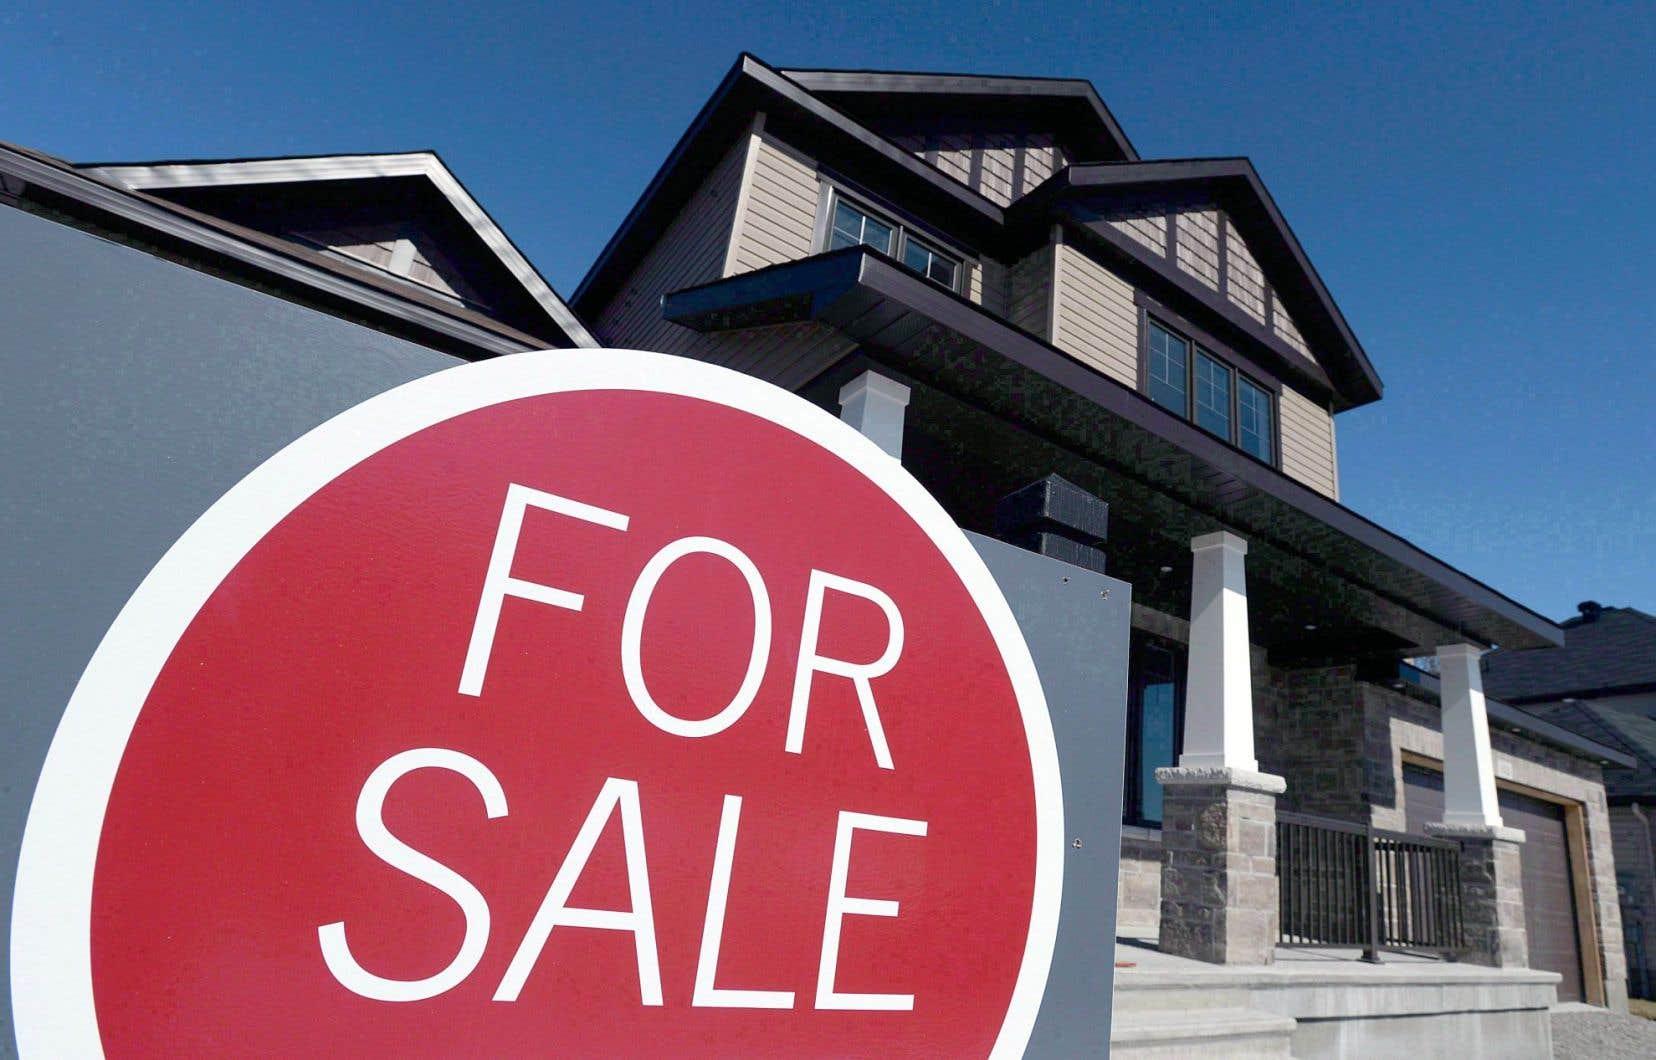 Le prix de vente moyen d'une maison à travers le Canada s'élève à 504458$, soit 0,4% de hausse par rapport à l'année précédente.